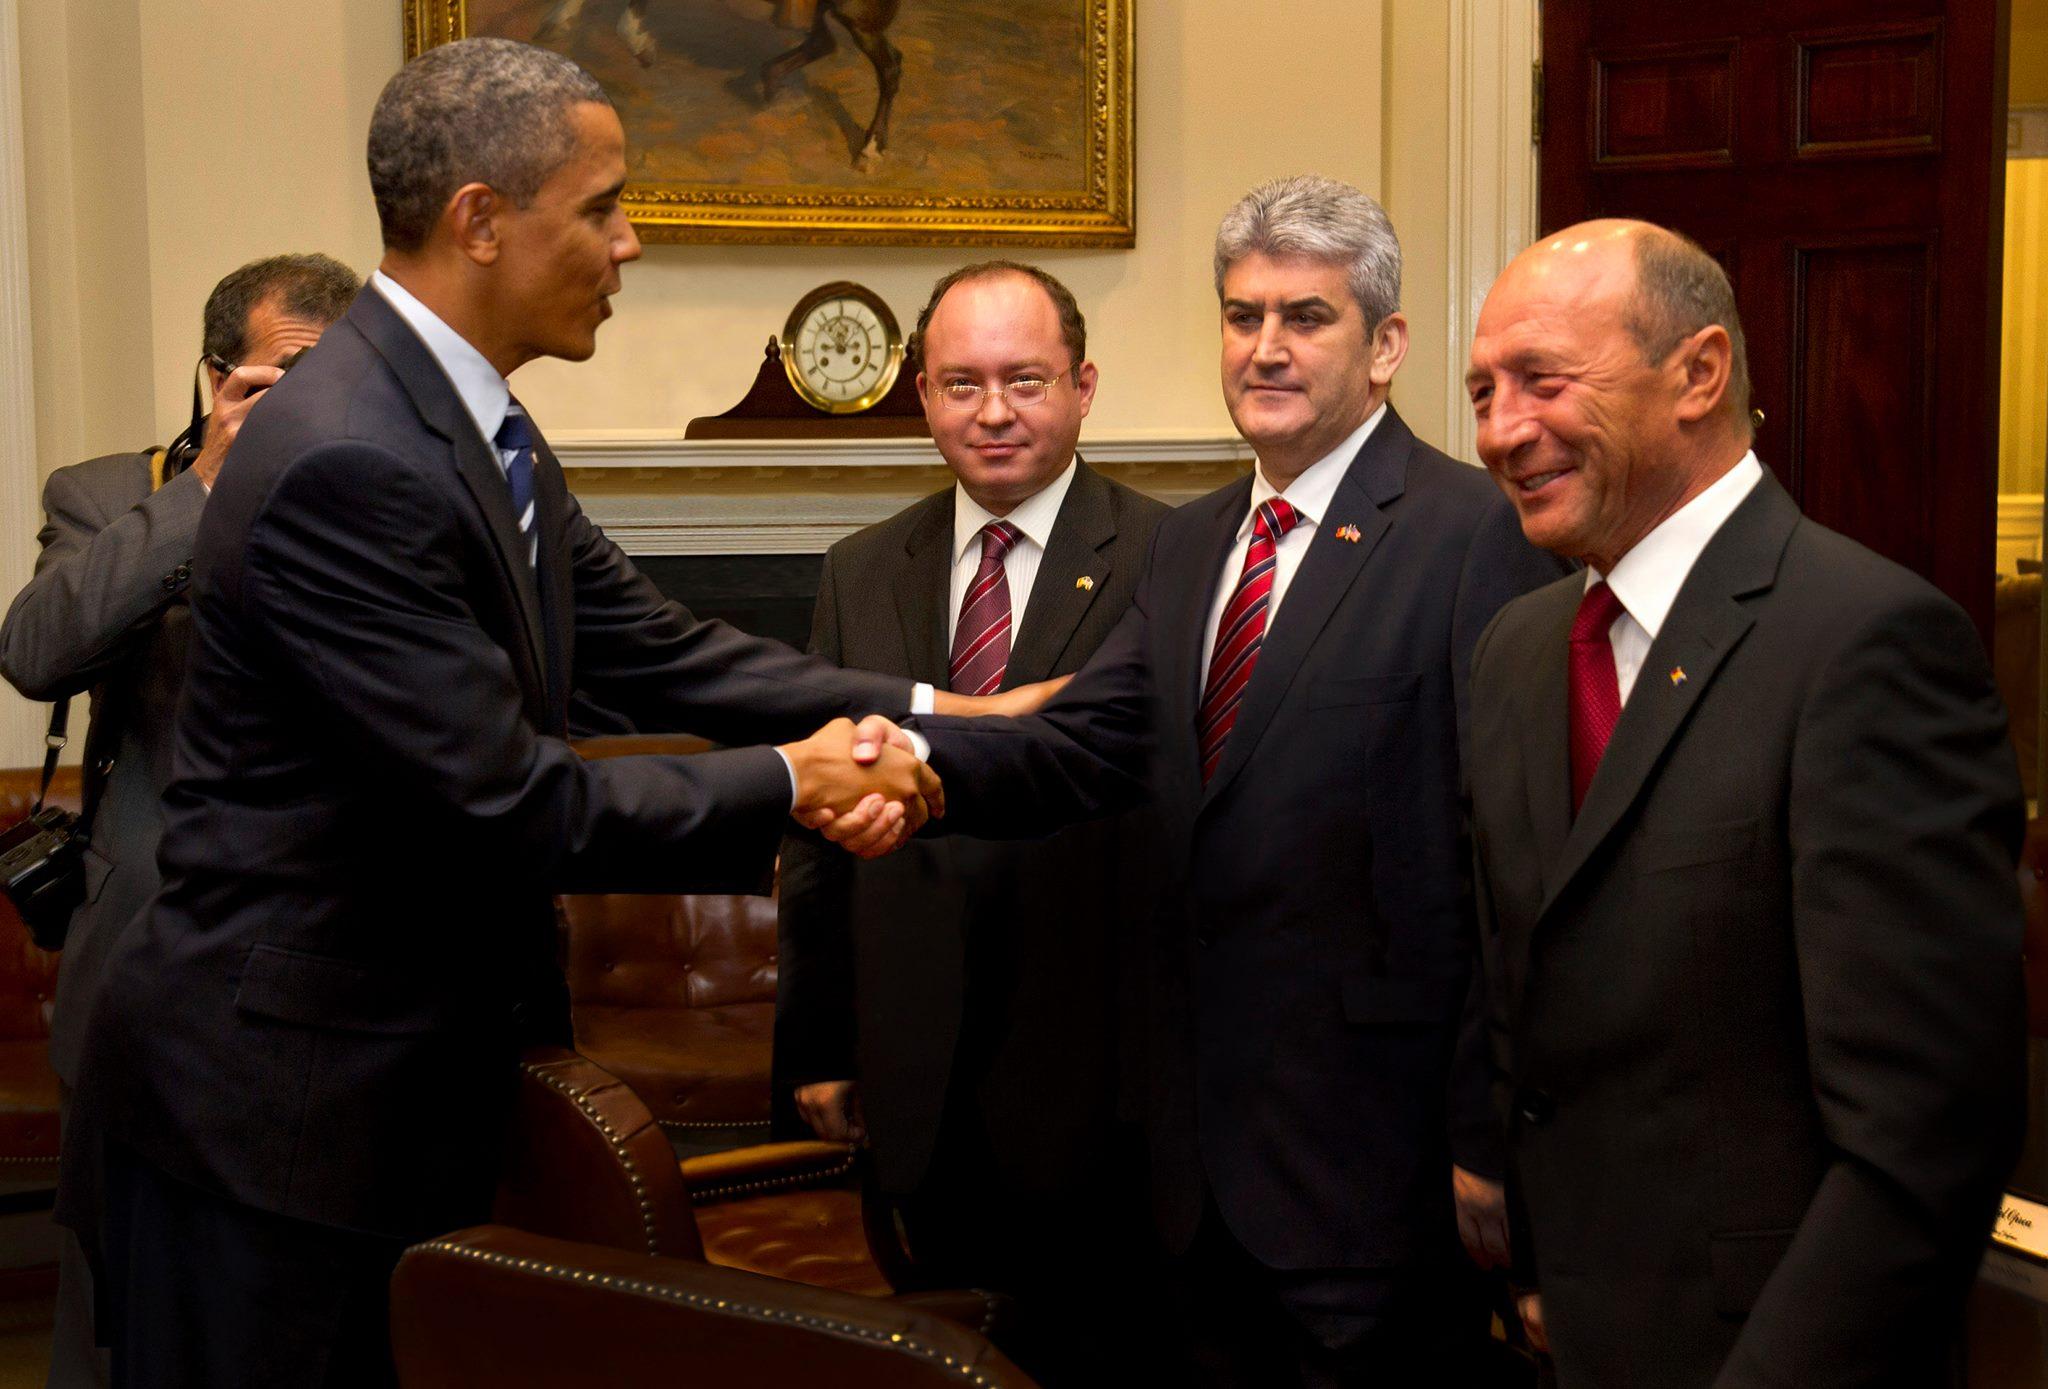 Gabriel Oprea Obama Traian Basescu